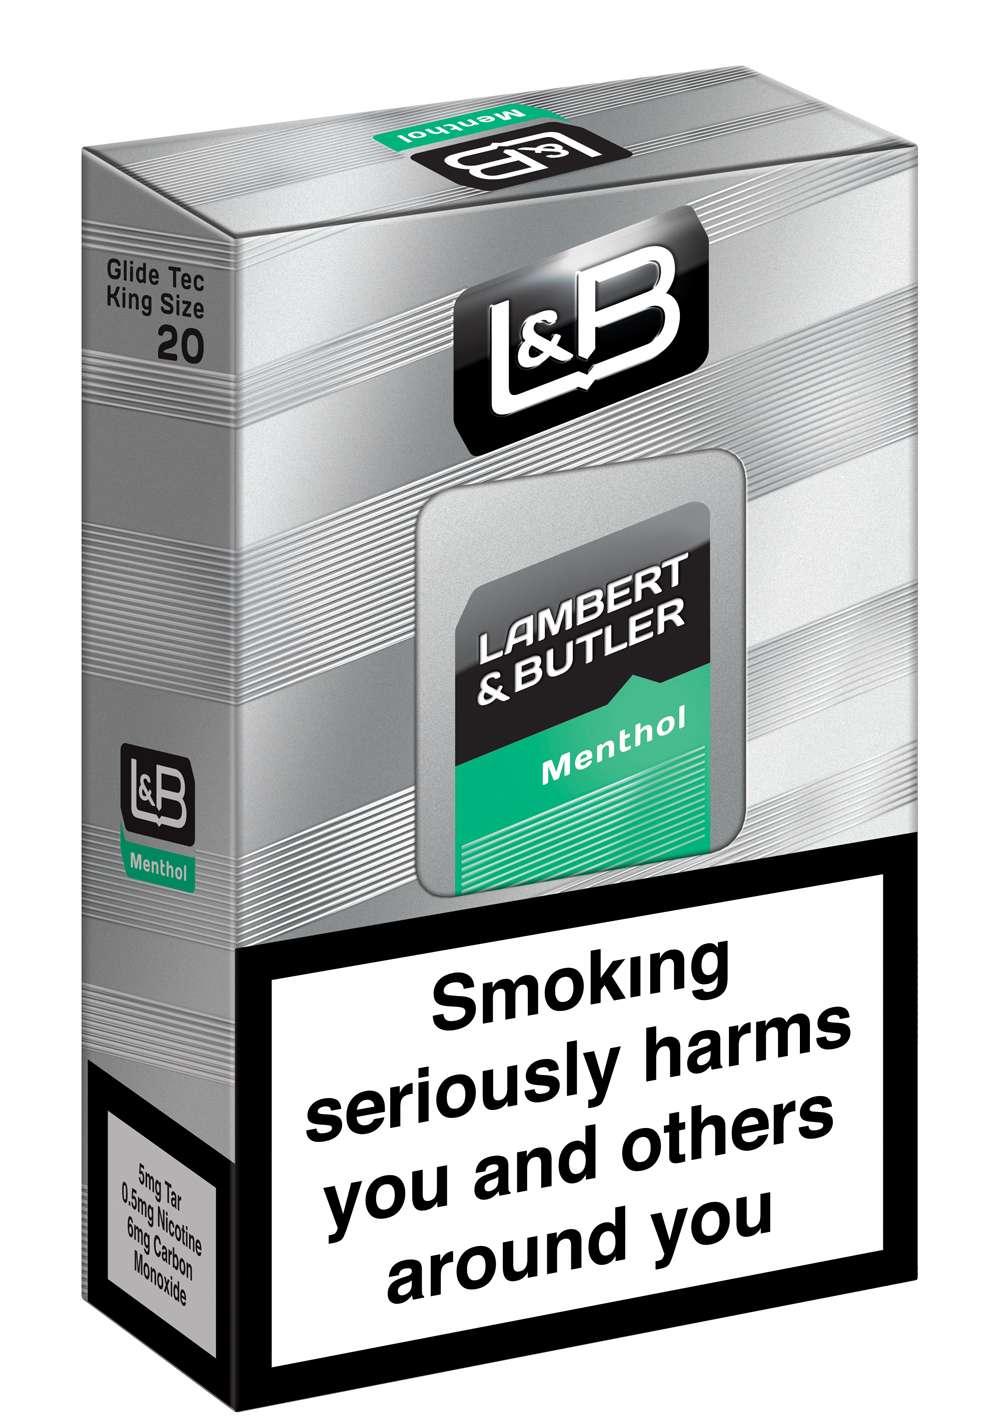 Sweden cigarettes buy